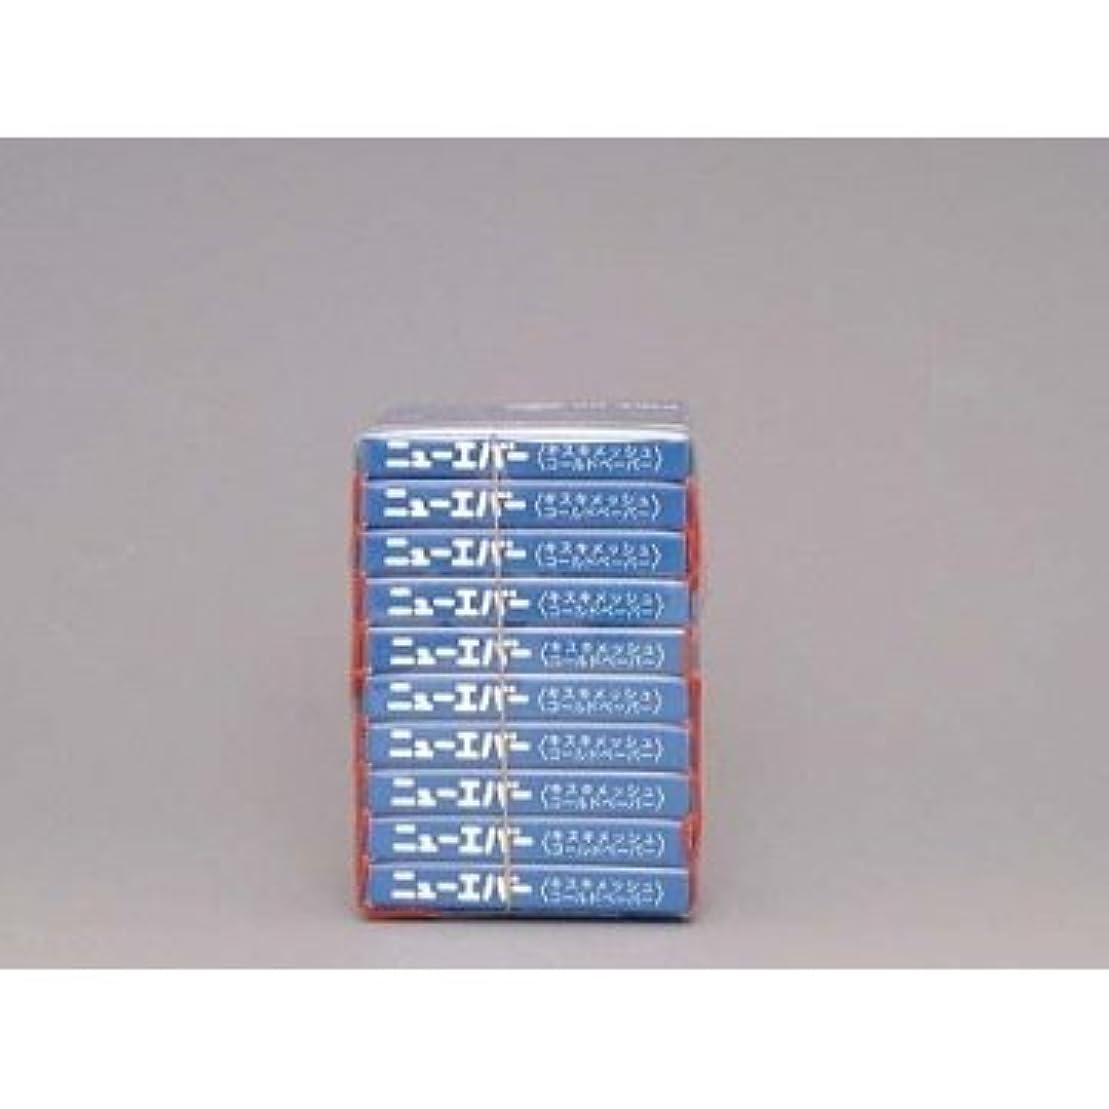 疑問を超えて疲れたインタラクション米正 ニューエバー ピックアップ ハンディタイプL キスキメッシュコールドペーパー 100枚×10ケ入 ブルー